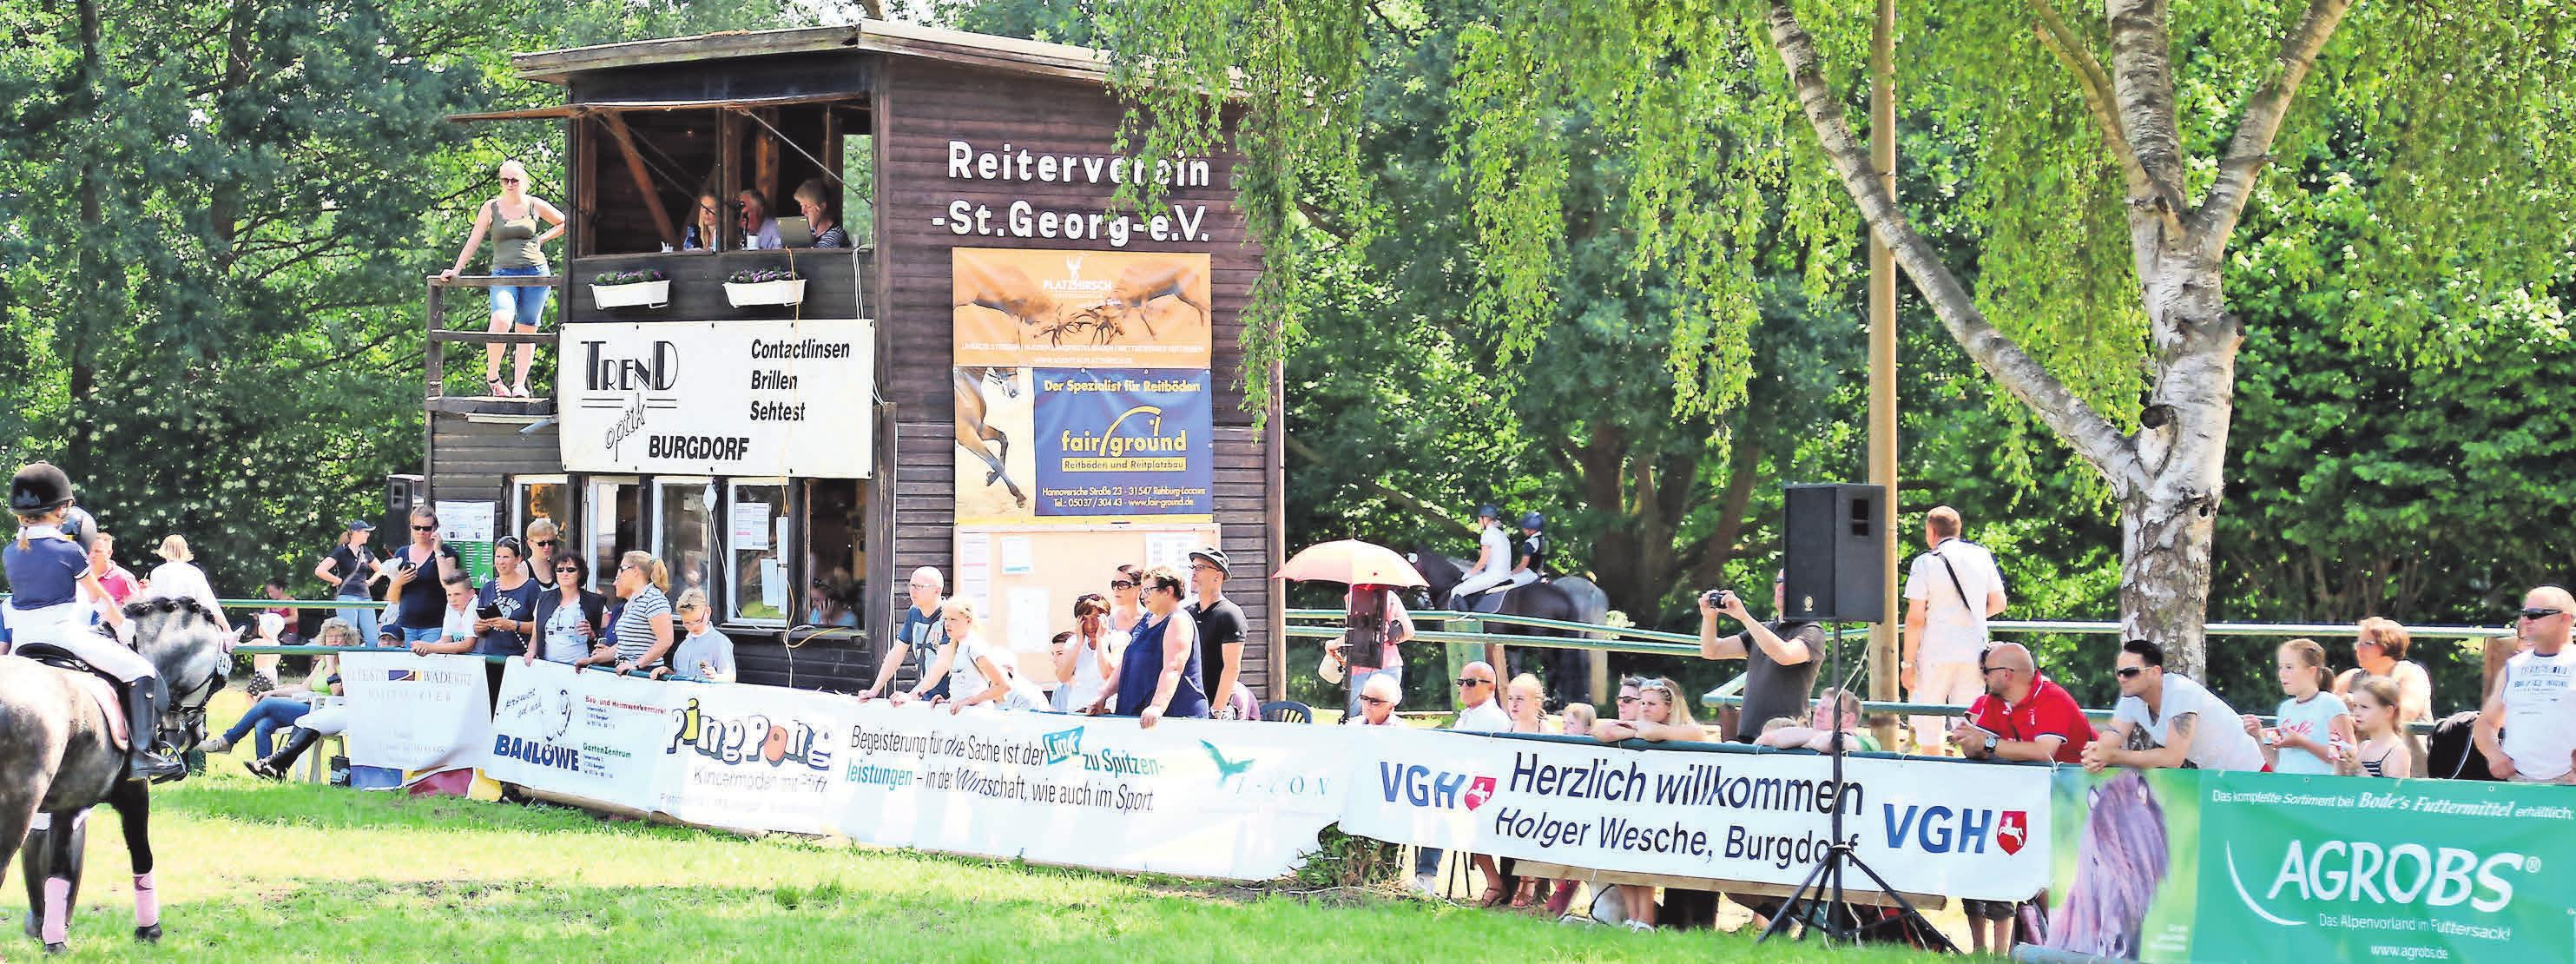 Die verschiedenen Turniere des Reitvereins St. Georg sind immer gut besucht.